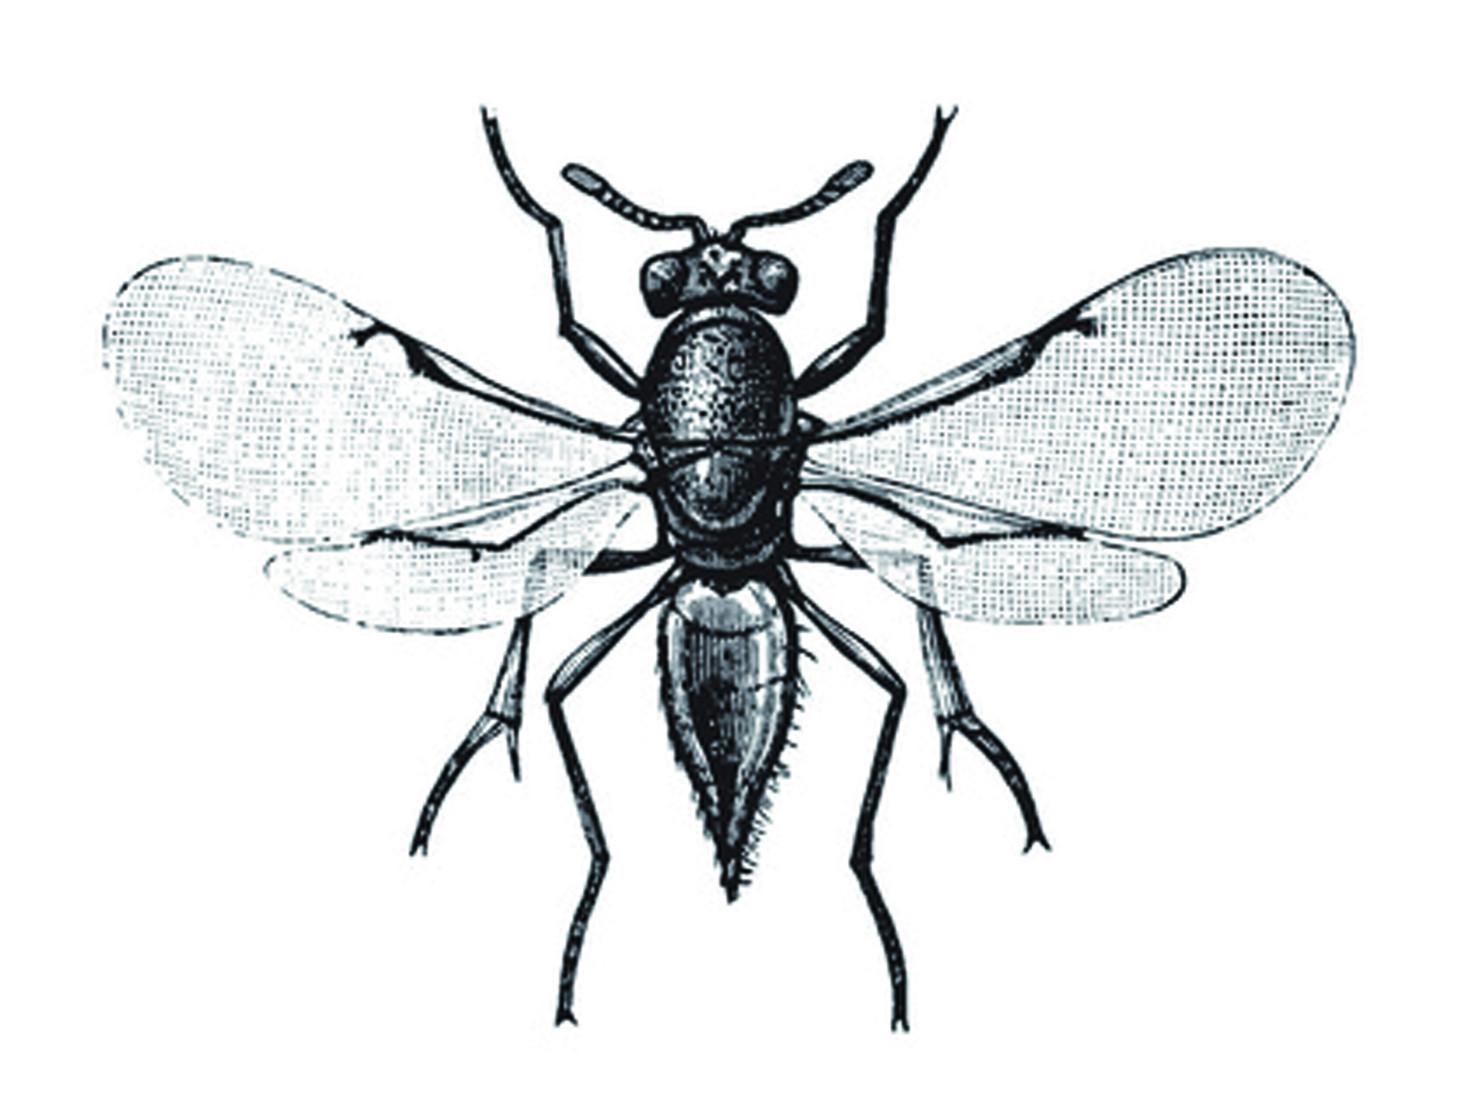 另一種常見的防治方式是屬於「生物防治」,透過釋放荔枝椿象的天敵, 一種叫做「平復小蜂」的蜜蜂,牠們產卵時會選擇產在荔枝椿象的卵裡面, 導致荔枝椿象的卵無法孵化,進而達到抑制荔枝椿象繁衍的目的。 當然,也有部分核准的農藥是適用於防治荔枝椿象。